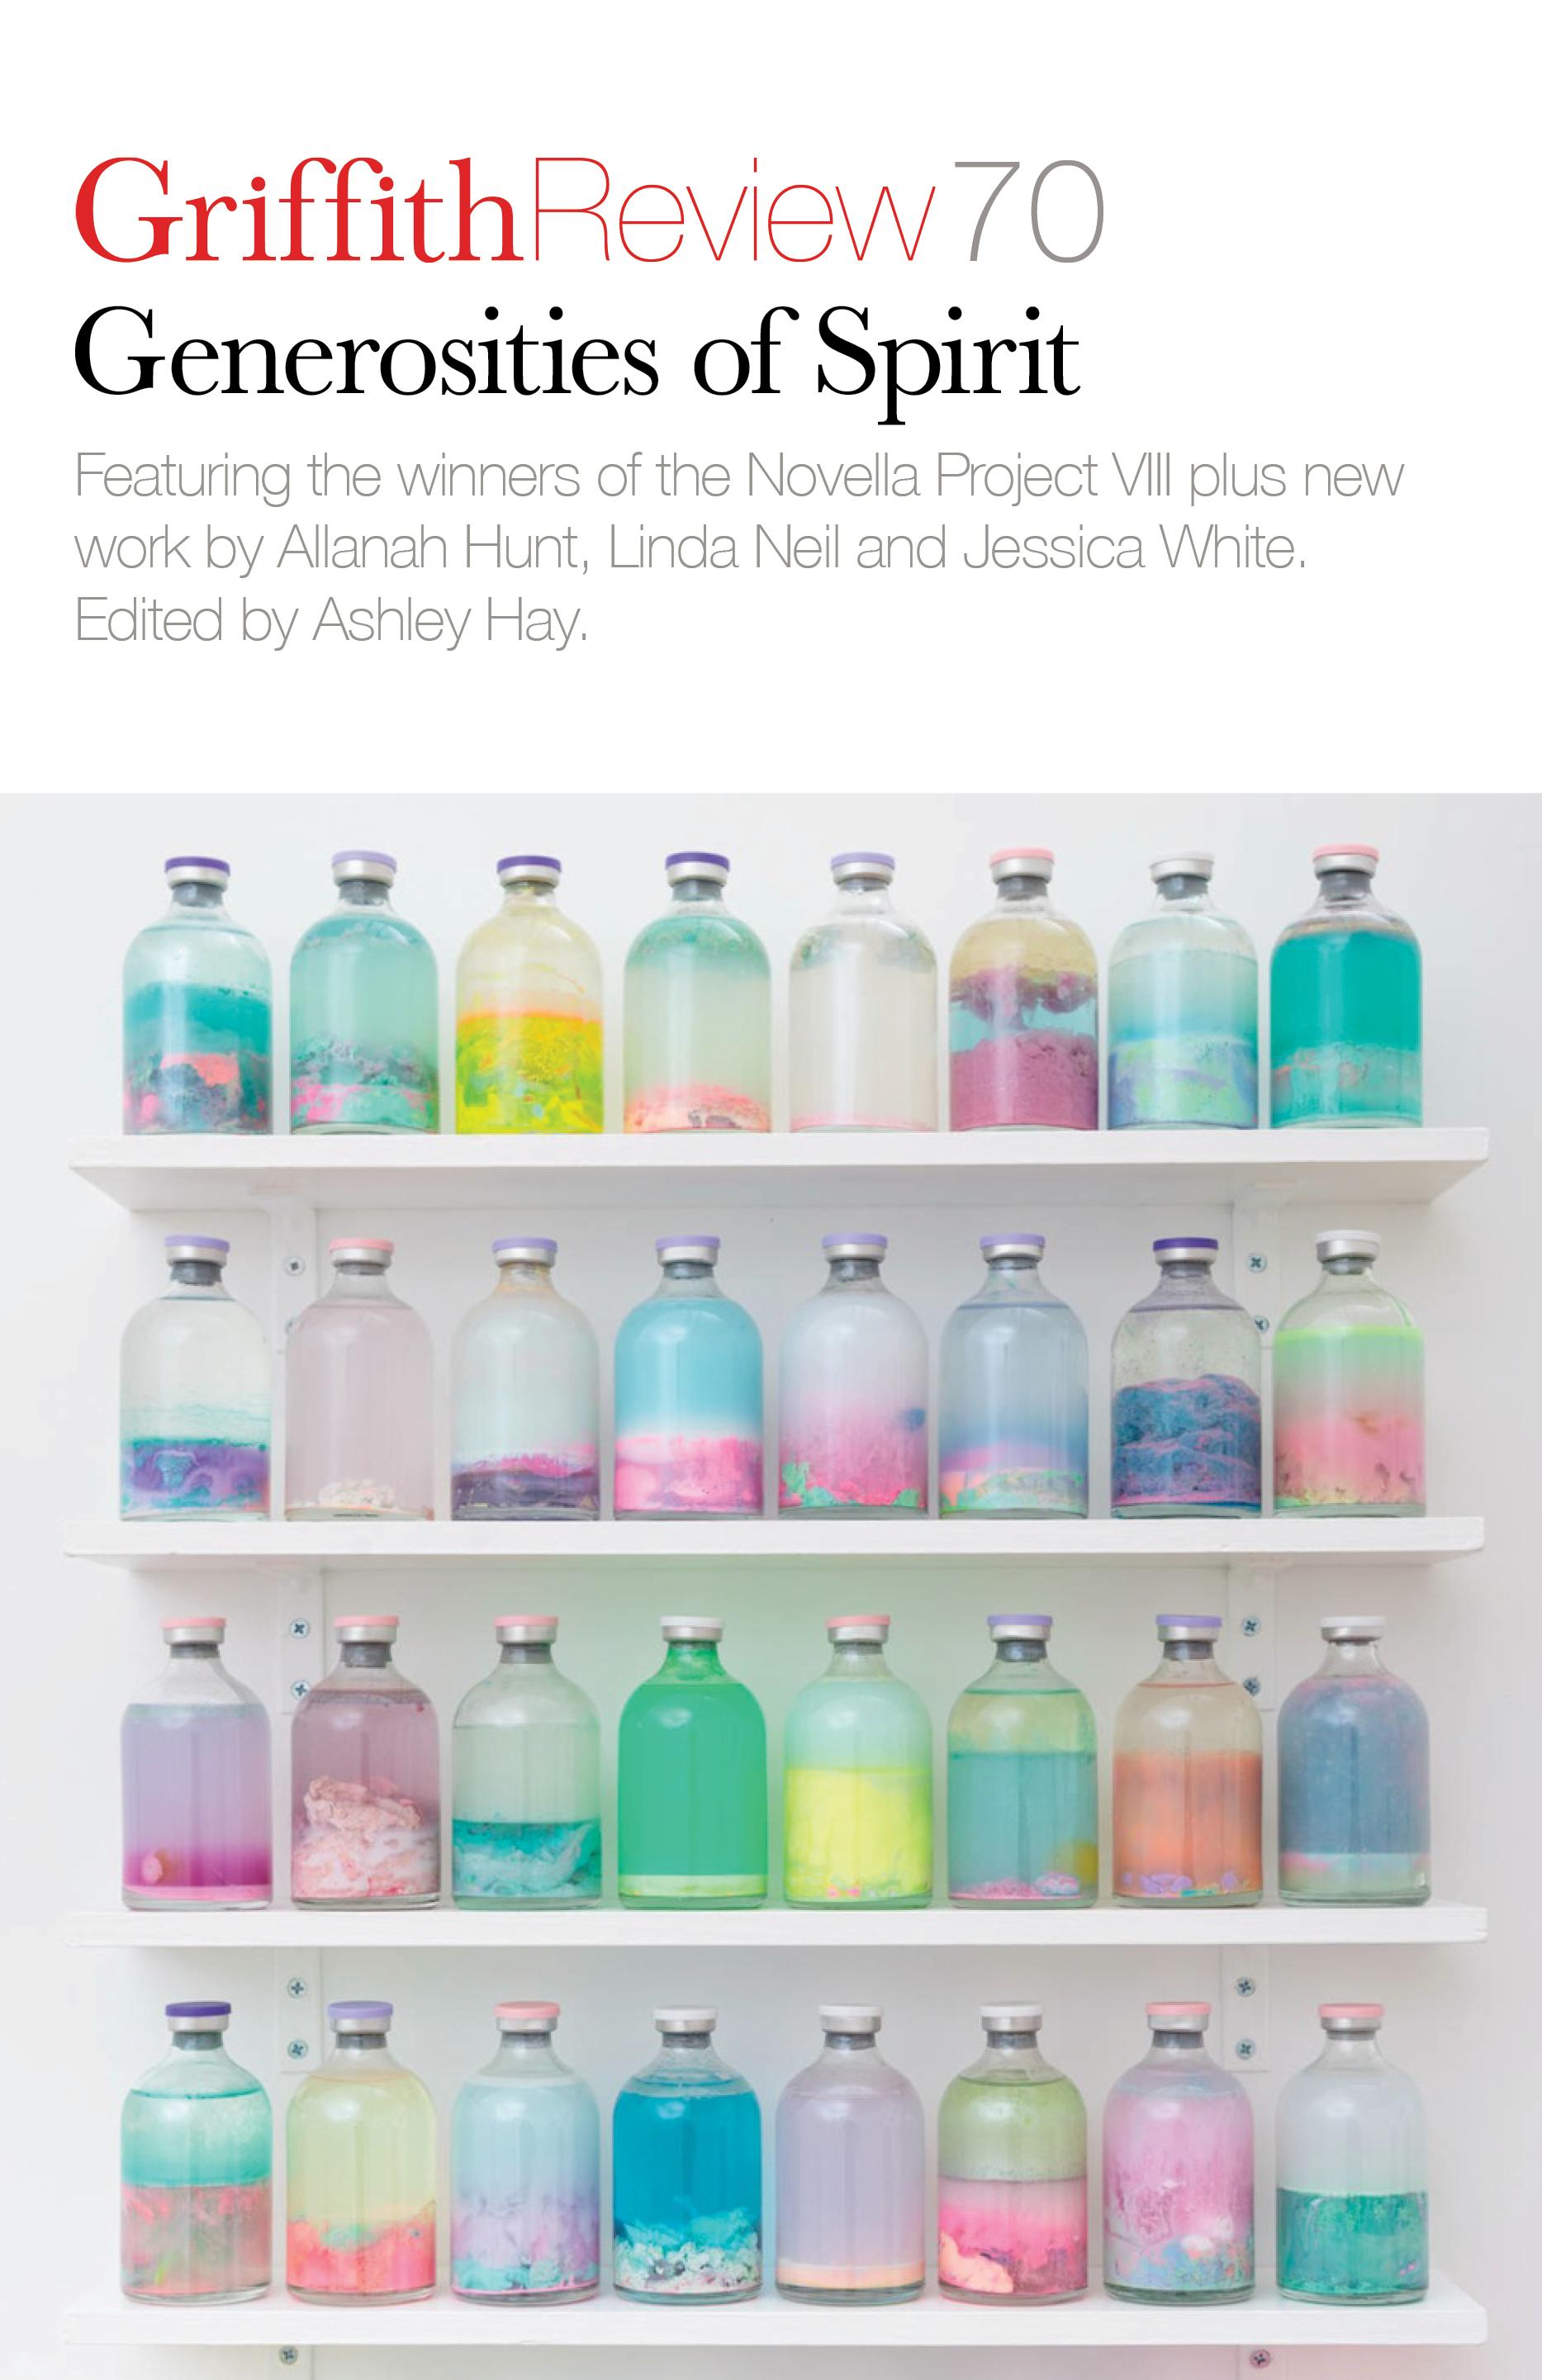 Generosities of Spirit –<br>The Novella Project VIII